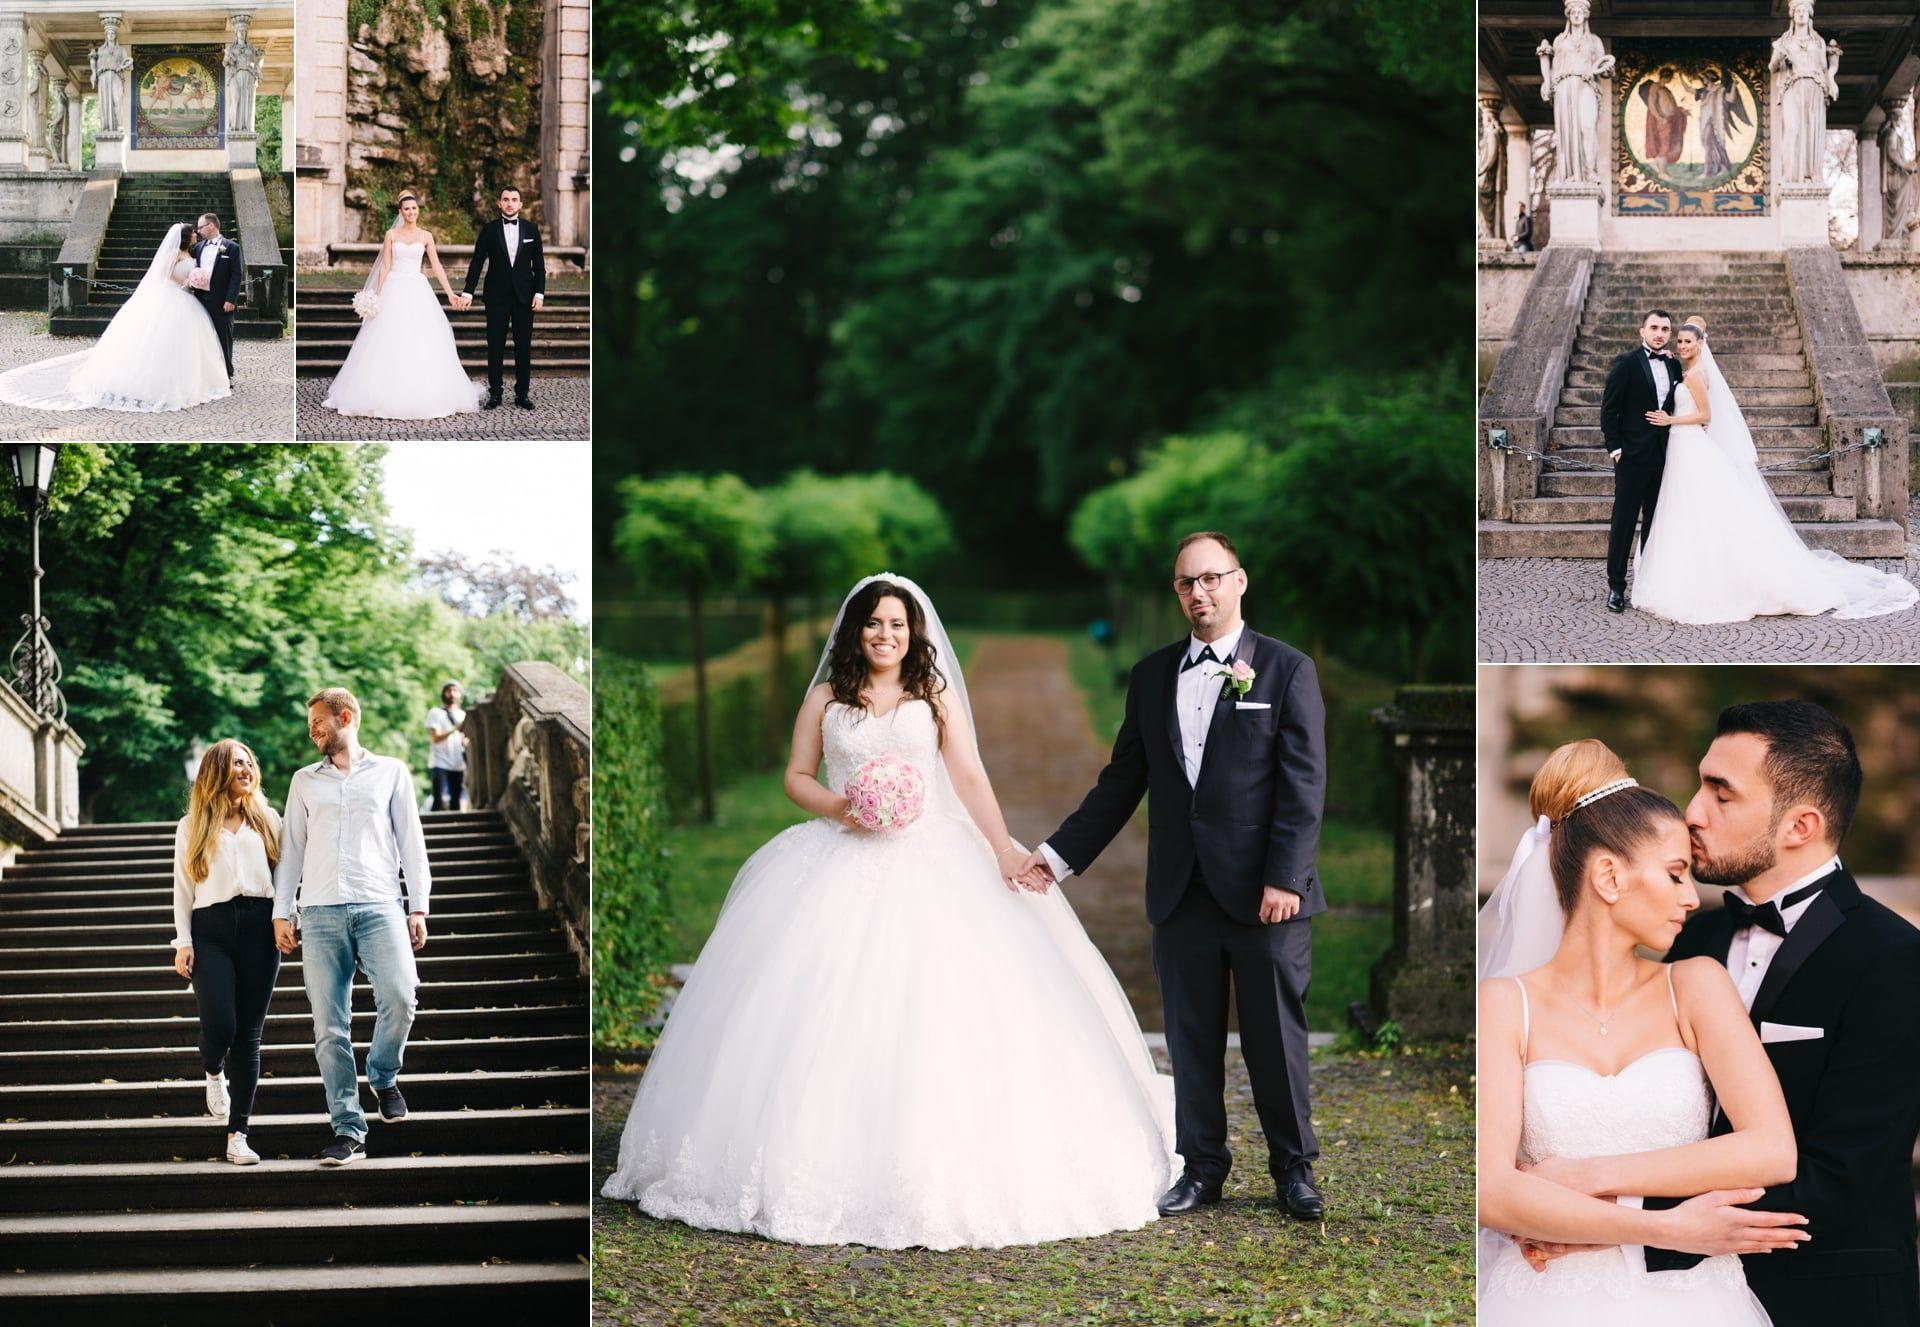 Munchens Beste Fotolocations Fur Hochzeitspaare Em 2020 Com Imagens Casamento